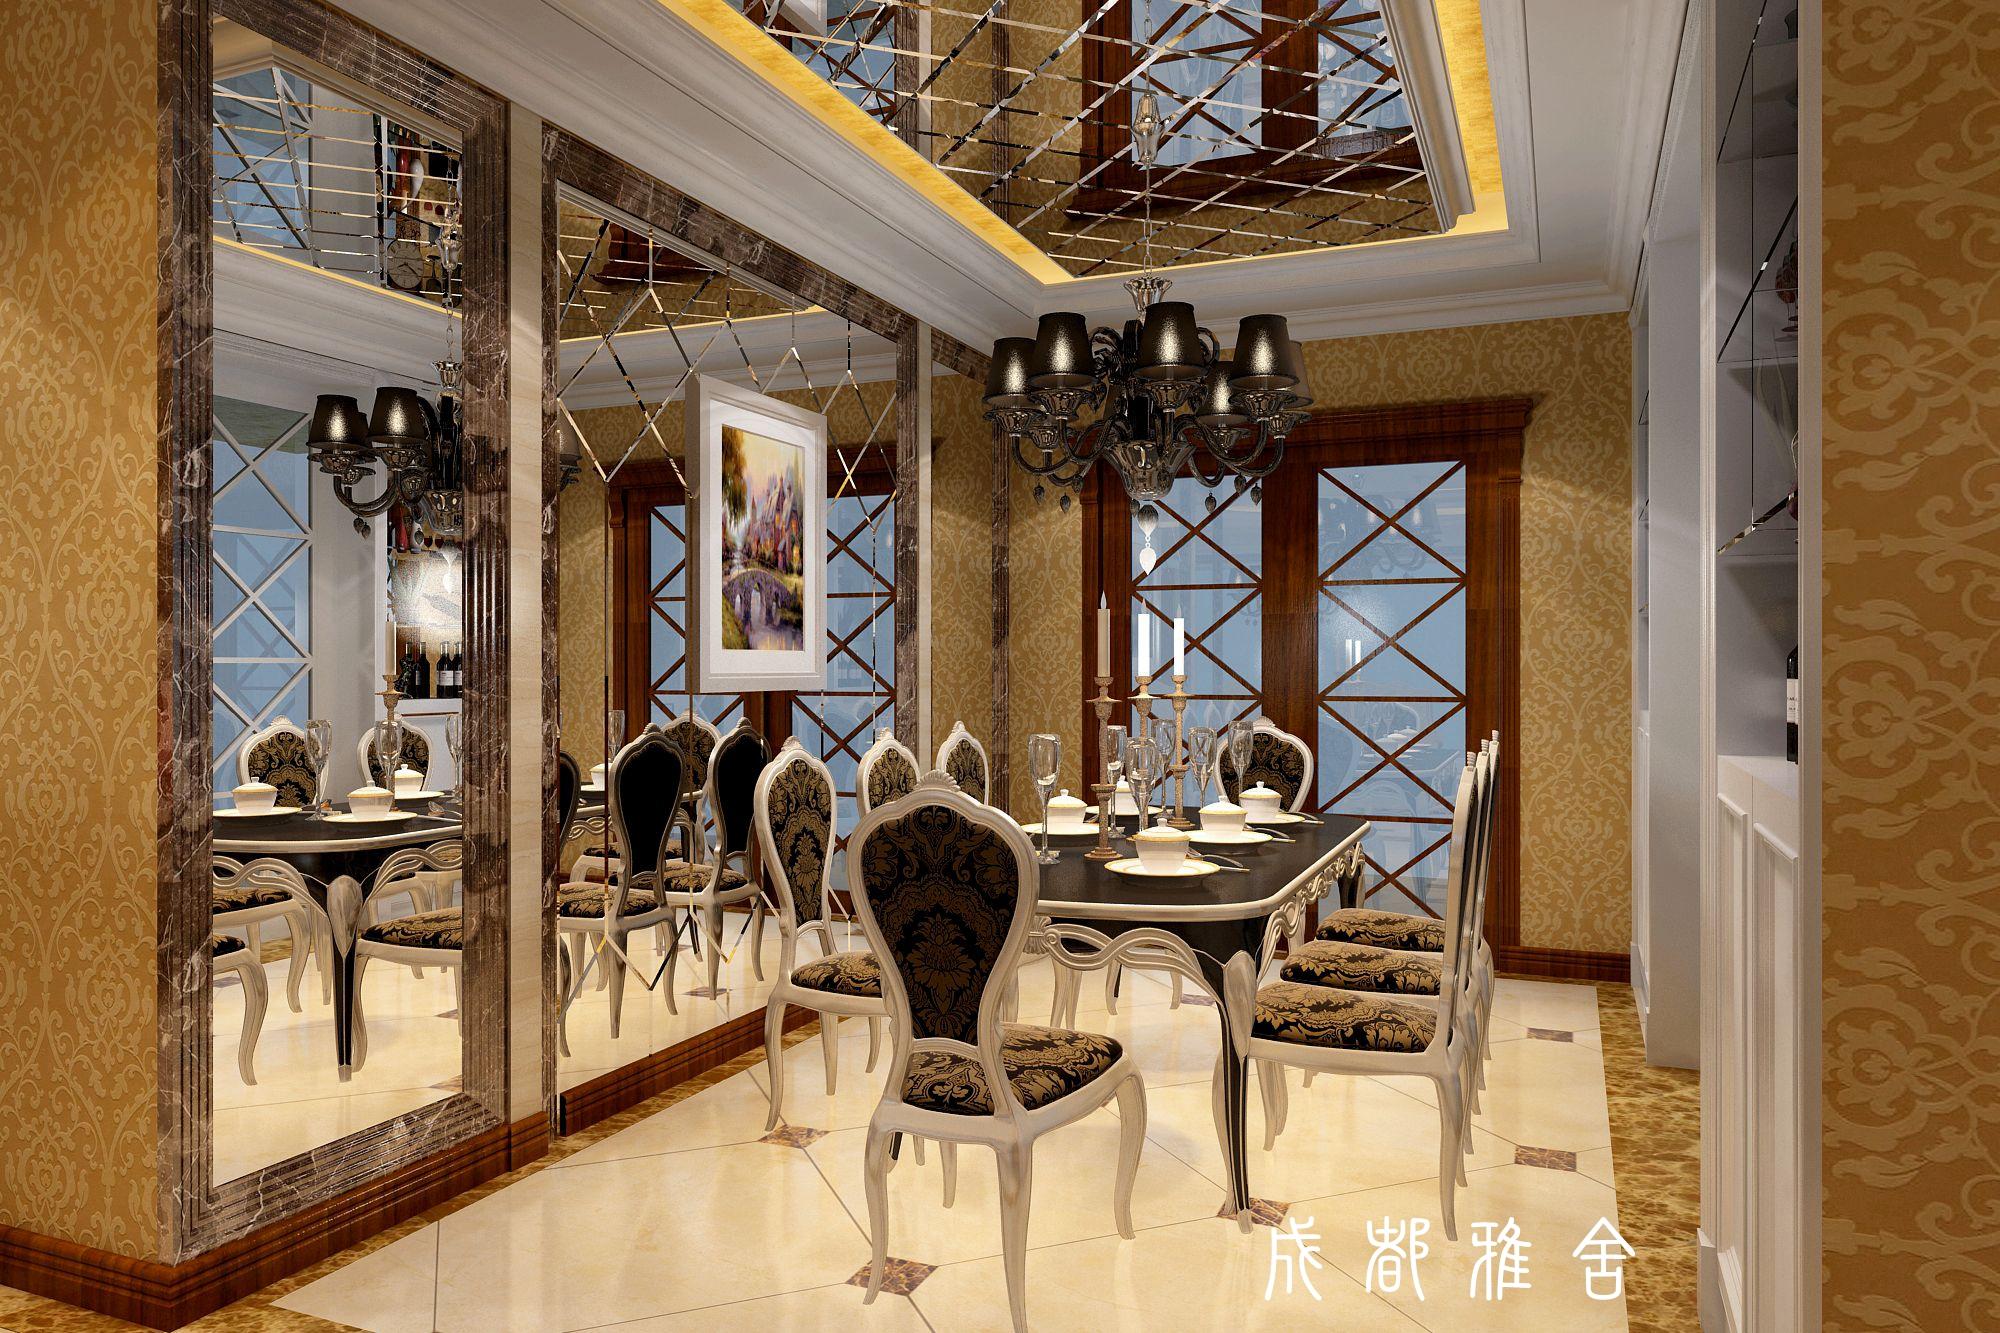 欧式 餐厅图片来自用户5778409315在欧式风格的分享